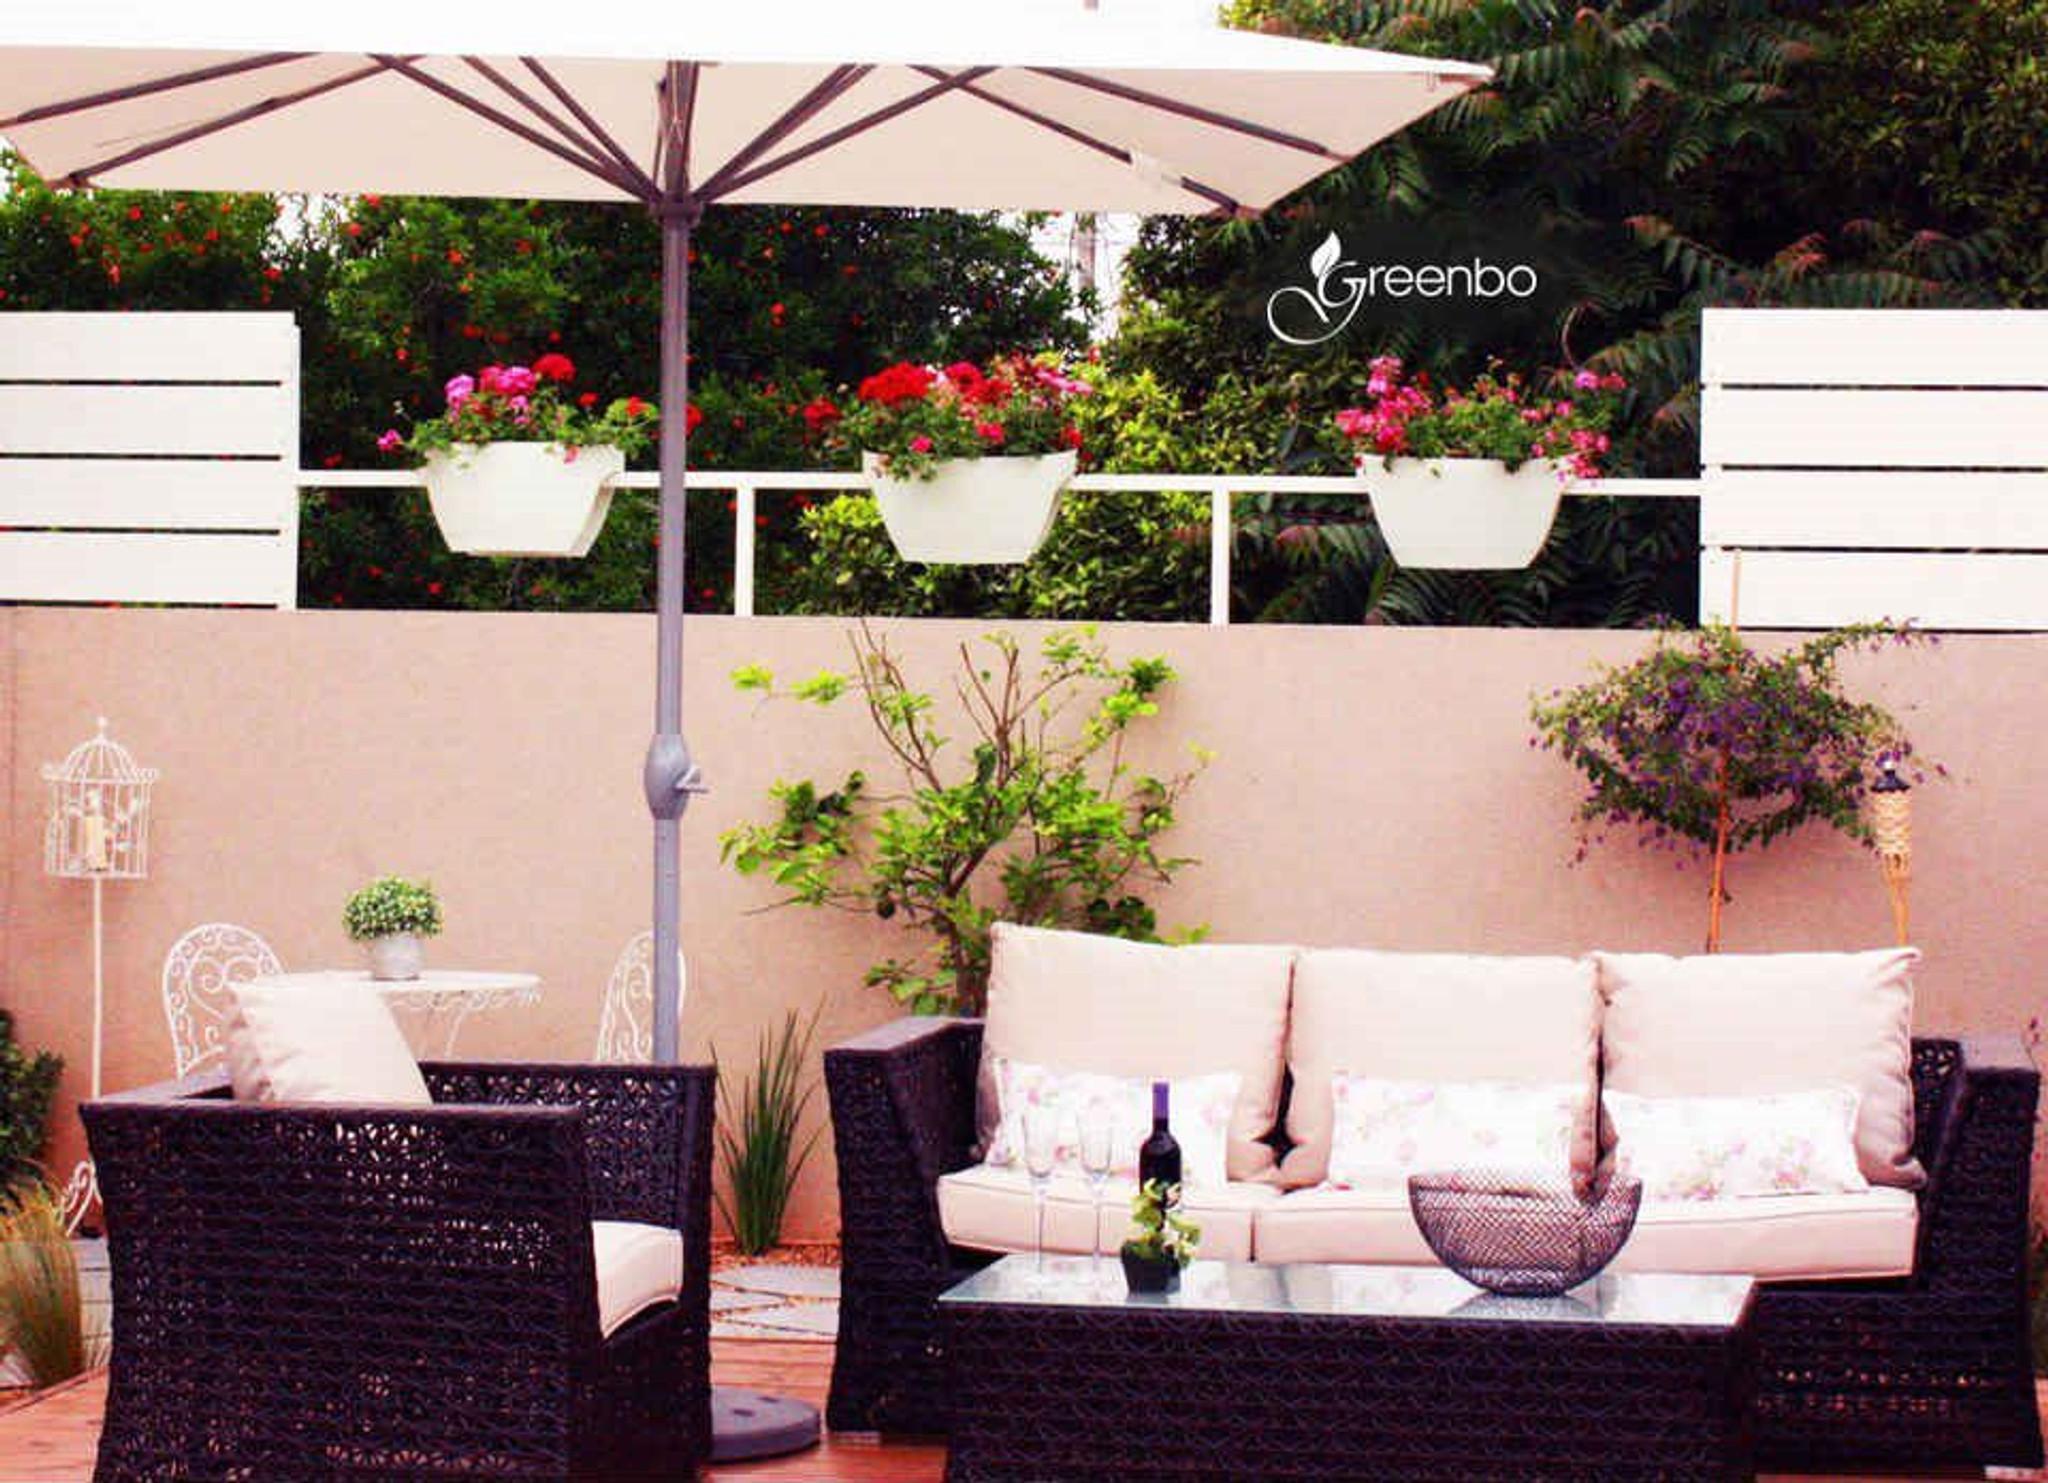 Greenbo extra large railing planter idea